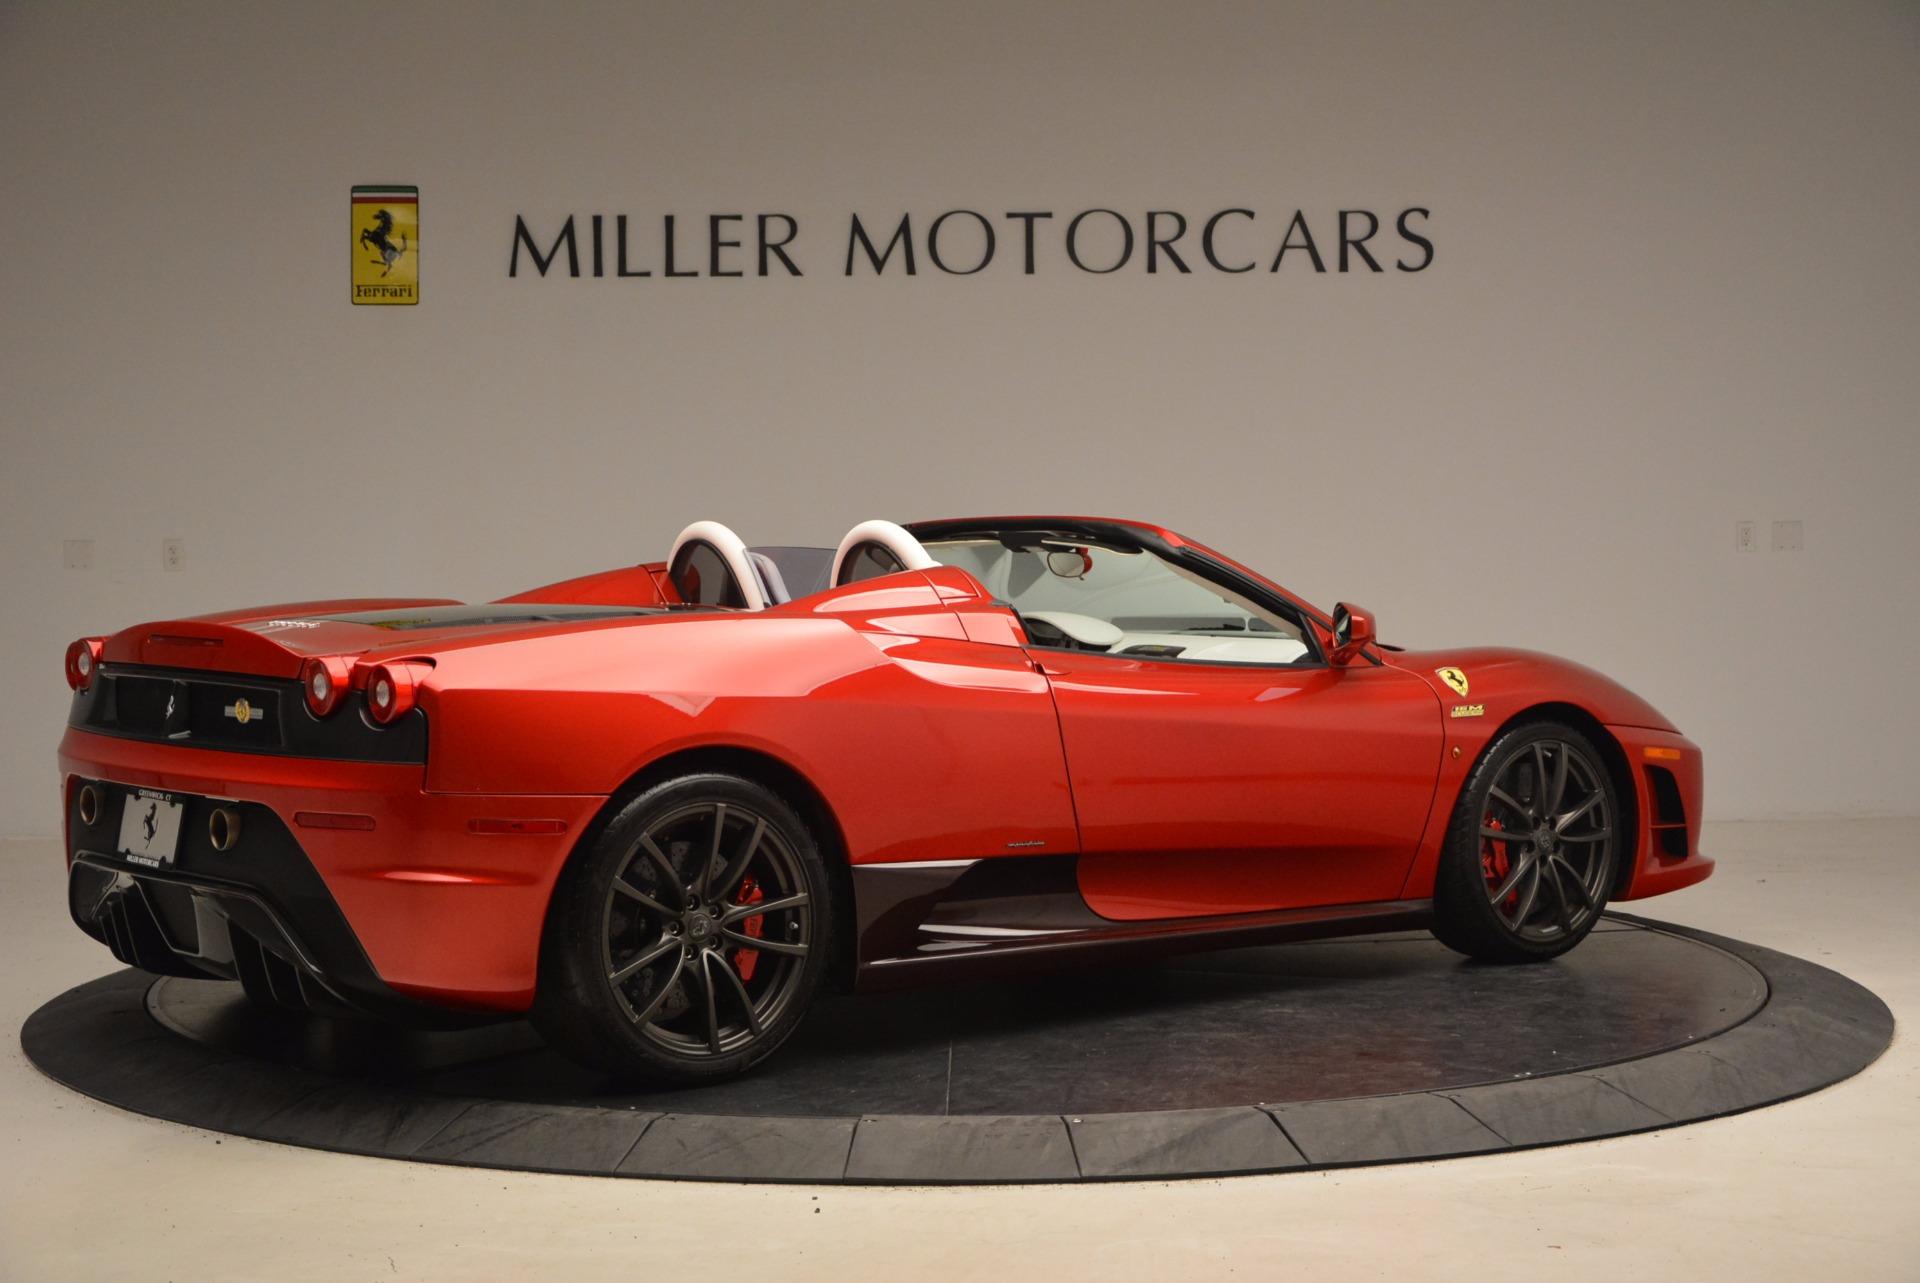 Used 2009 Ferrari F430 Scuderia 16M For Sale In Greenwich, CT. Alfa Romeo of Greenwich, 4404 1398_p8